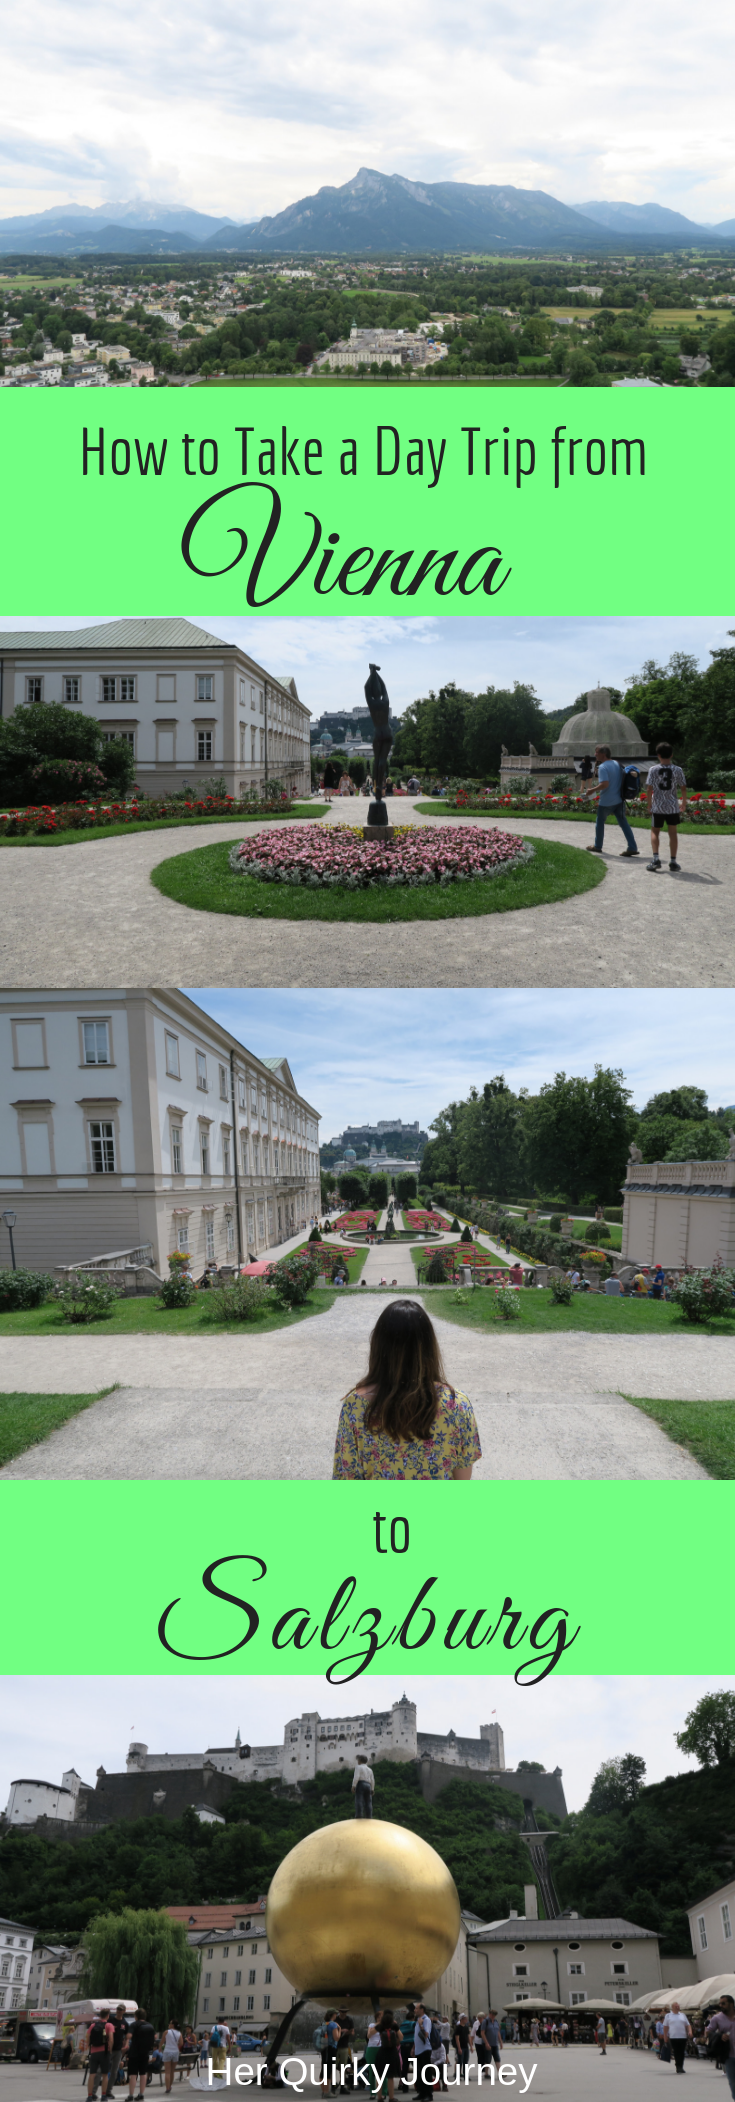 Day trip to Salzburg, Austria